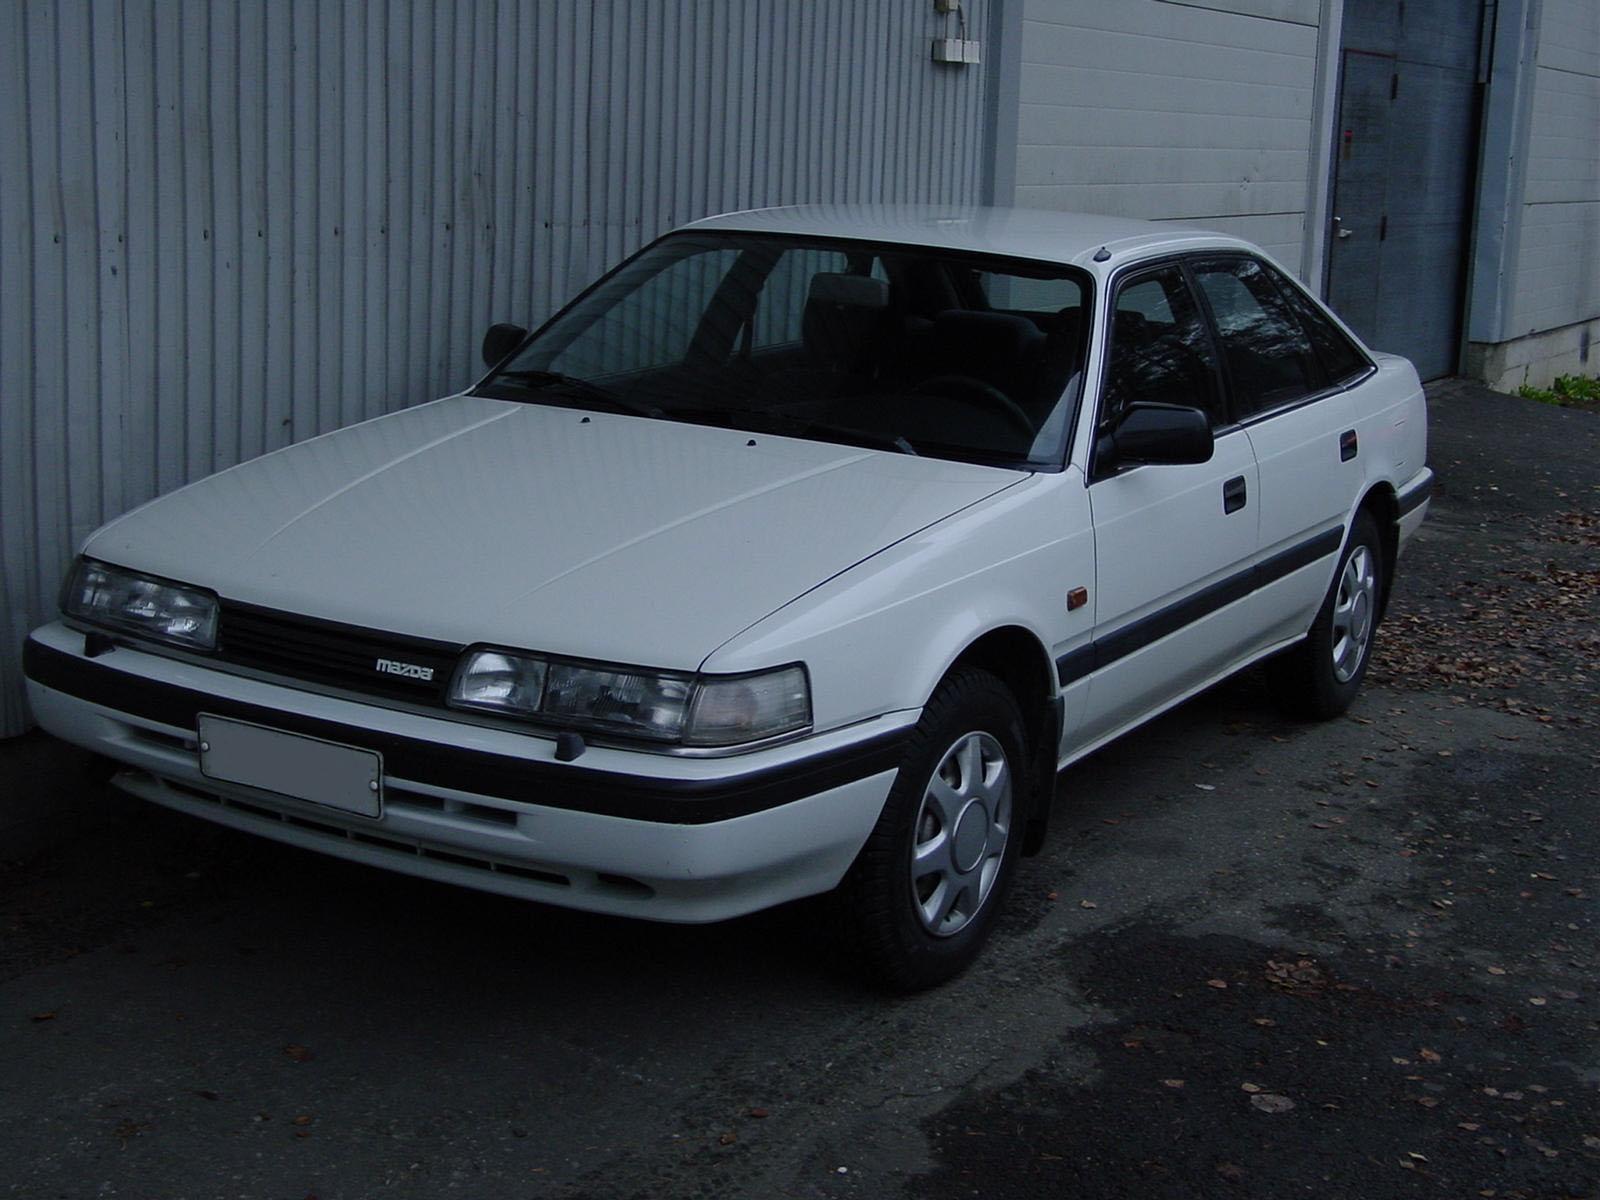 1988 Mazda 626 Pictures Cargurus